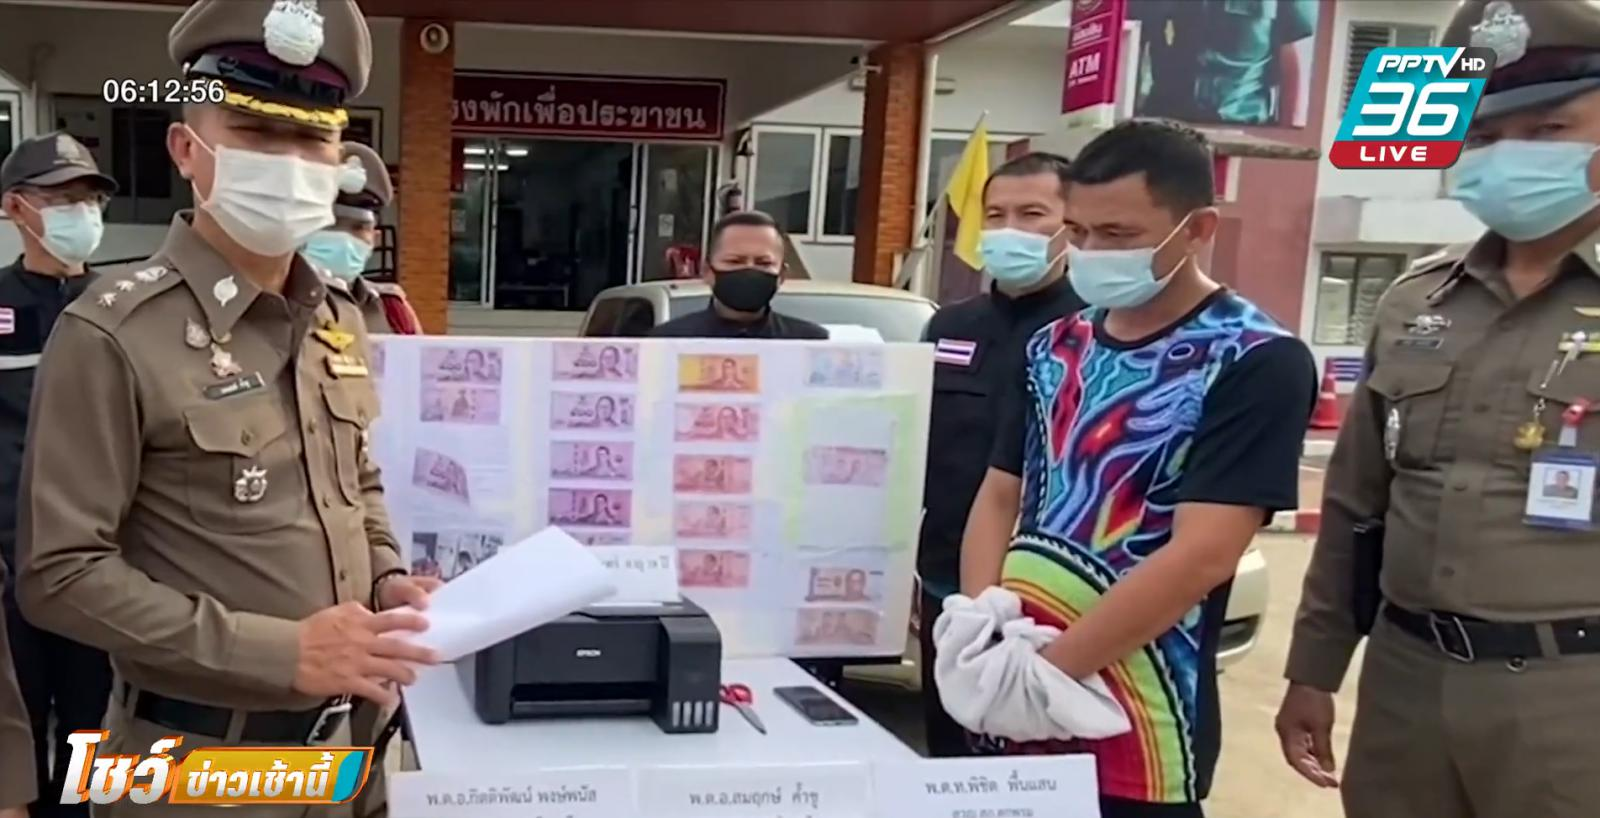 จับหนุ่มปริ้นแบงก์ปลอมใช้เองในจันทบุรี